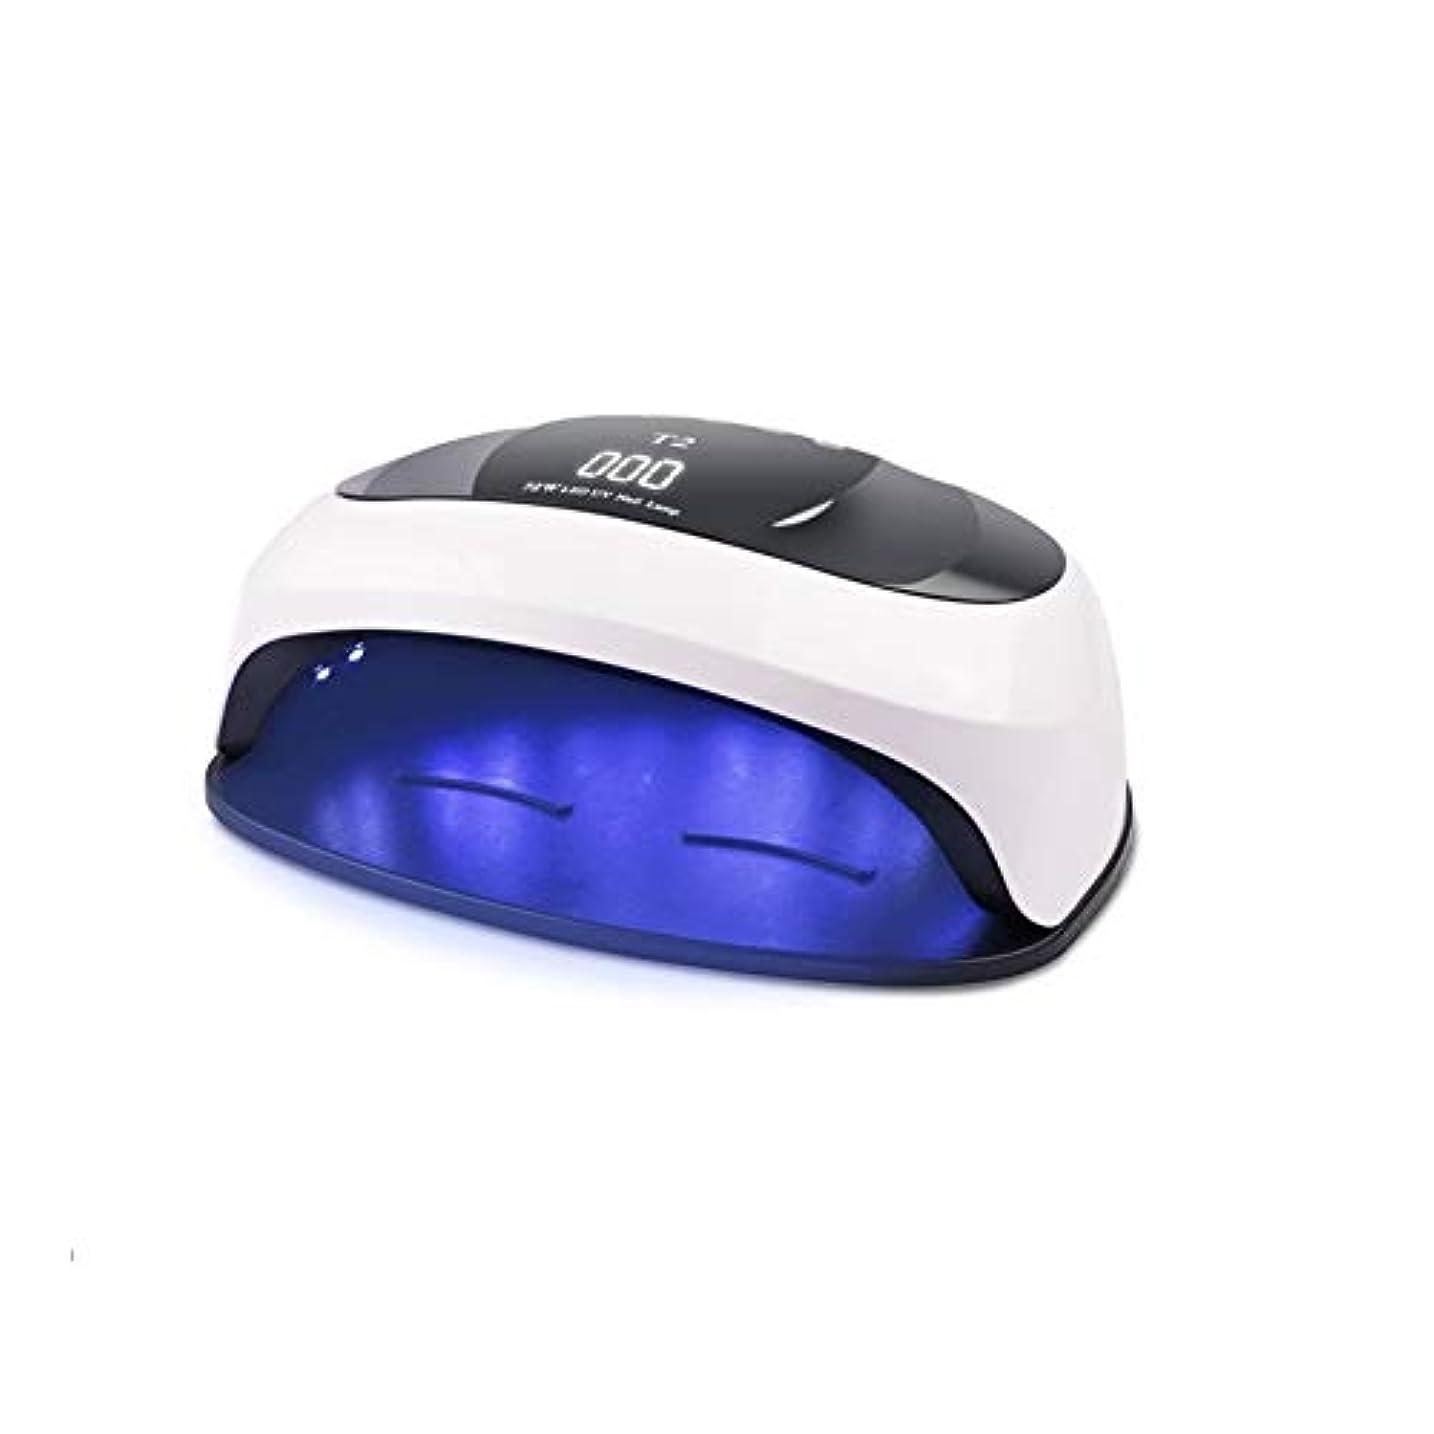 緊急小数コミュニティLittleCat マニキュアプラスチックライトセラピーマシンハンズヒートランプ点灯スマートセンサネイル (色 : Red beauty flat plug)